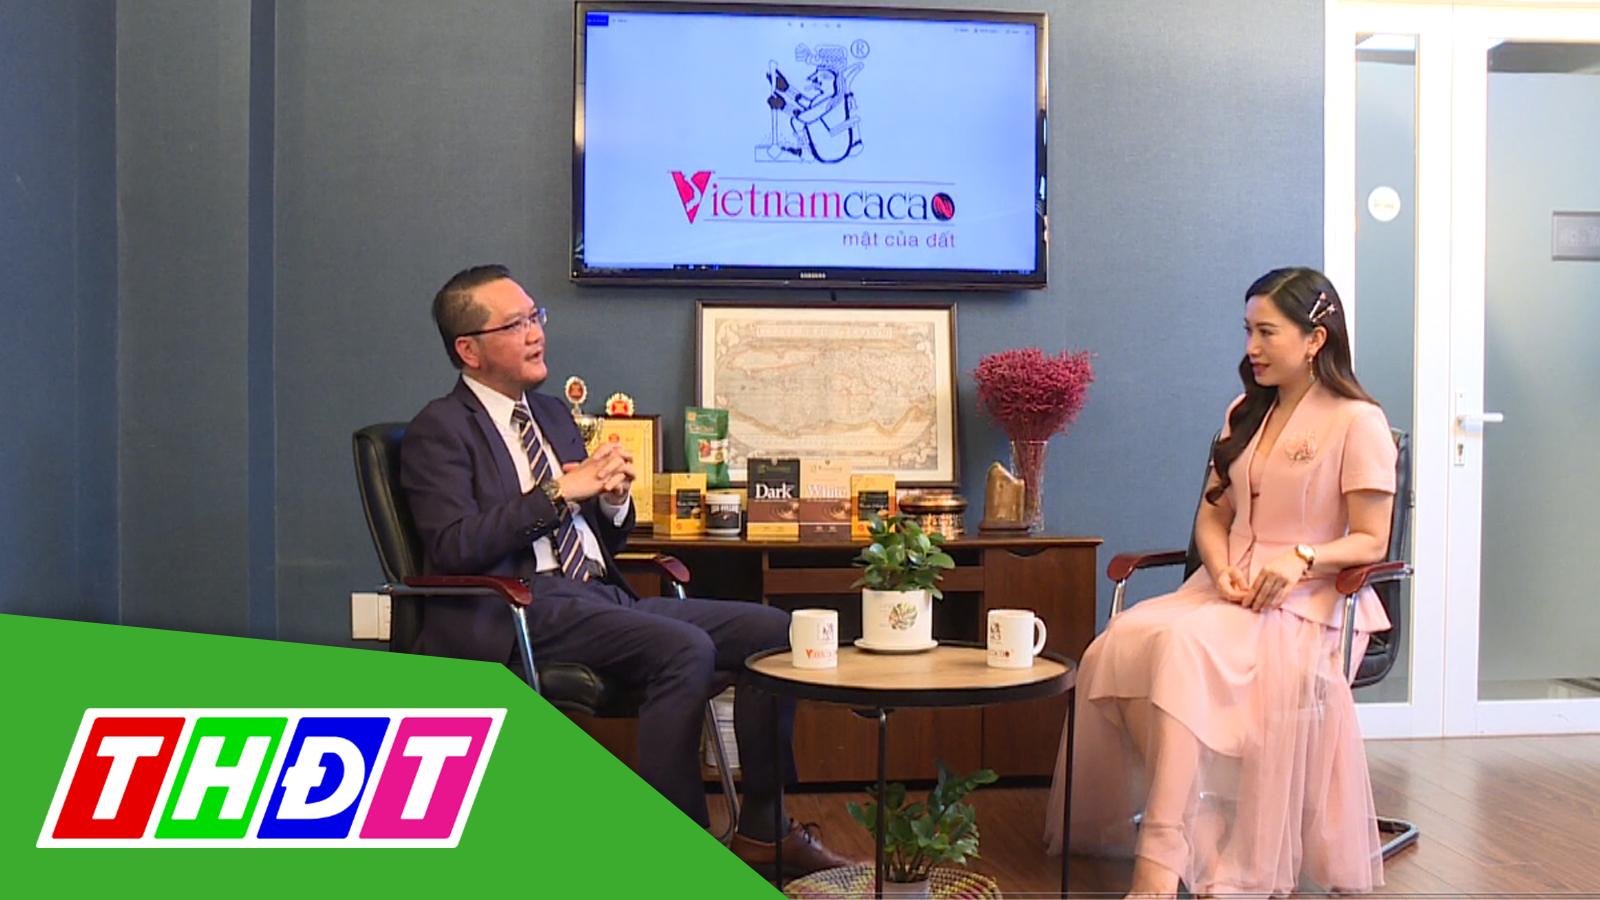 Người Đồng Tháp - Tập 16 - 16/8/2020: Giáo sư Bùi Chí Bửu - Giáo sư nông học tài năng của đất Việt